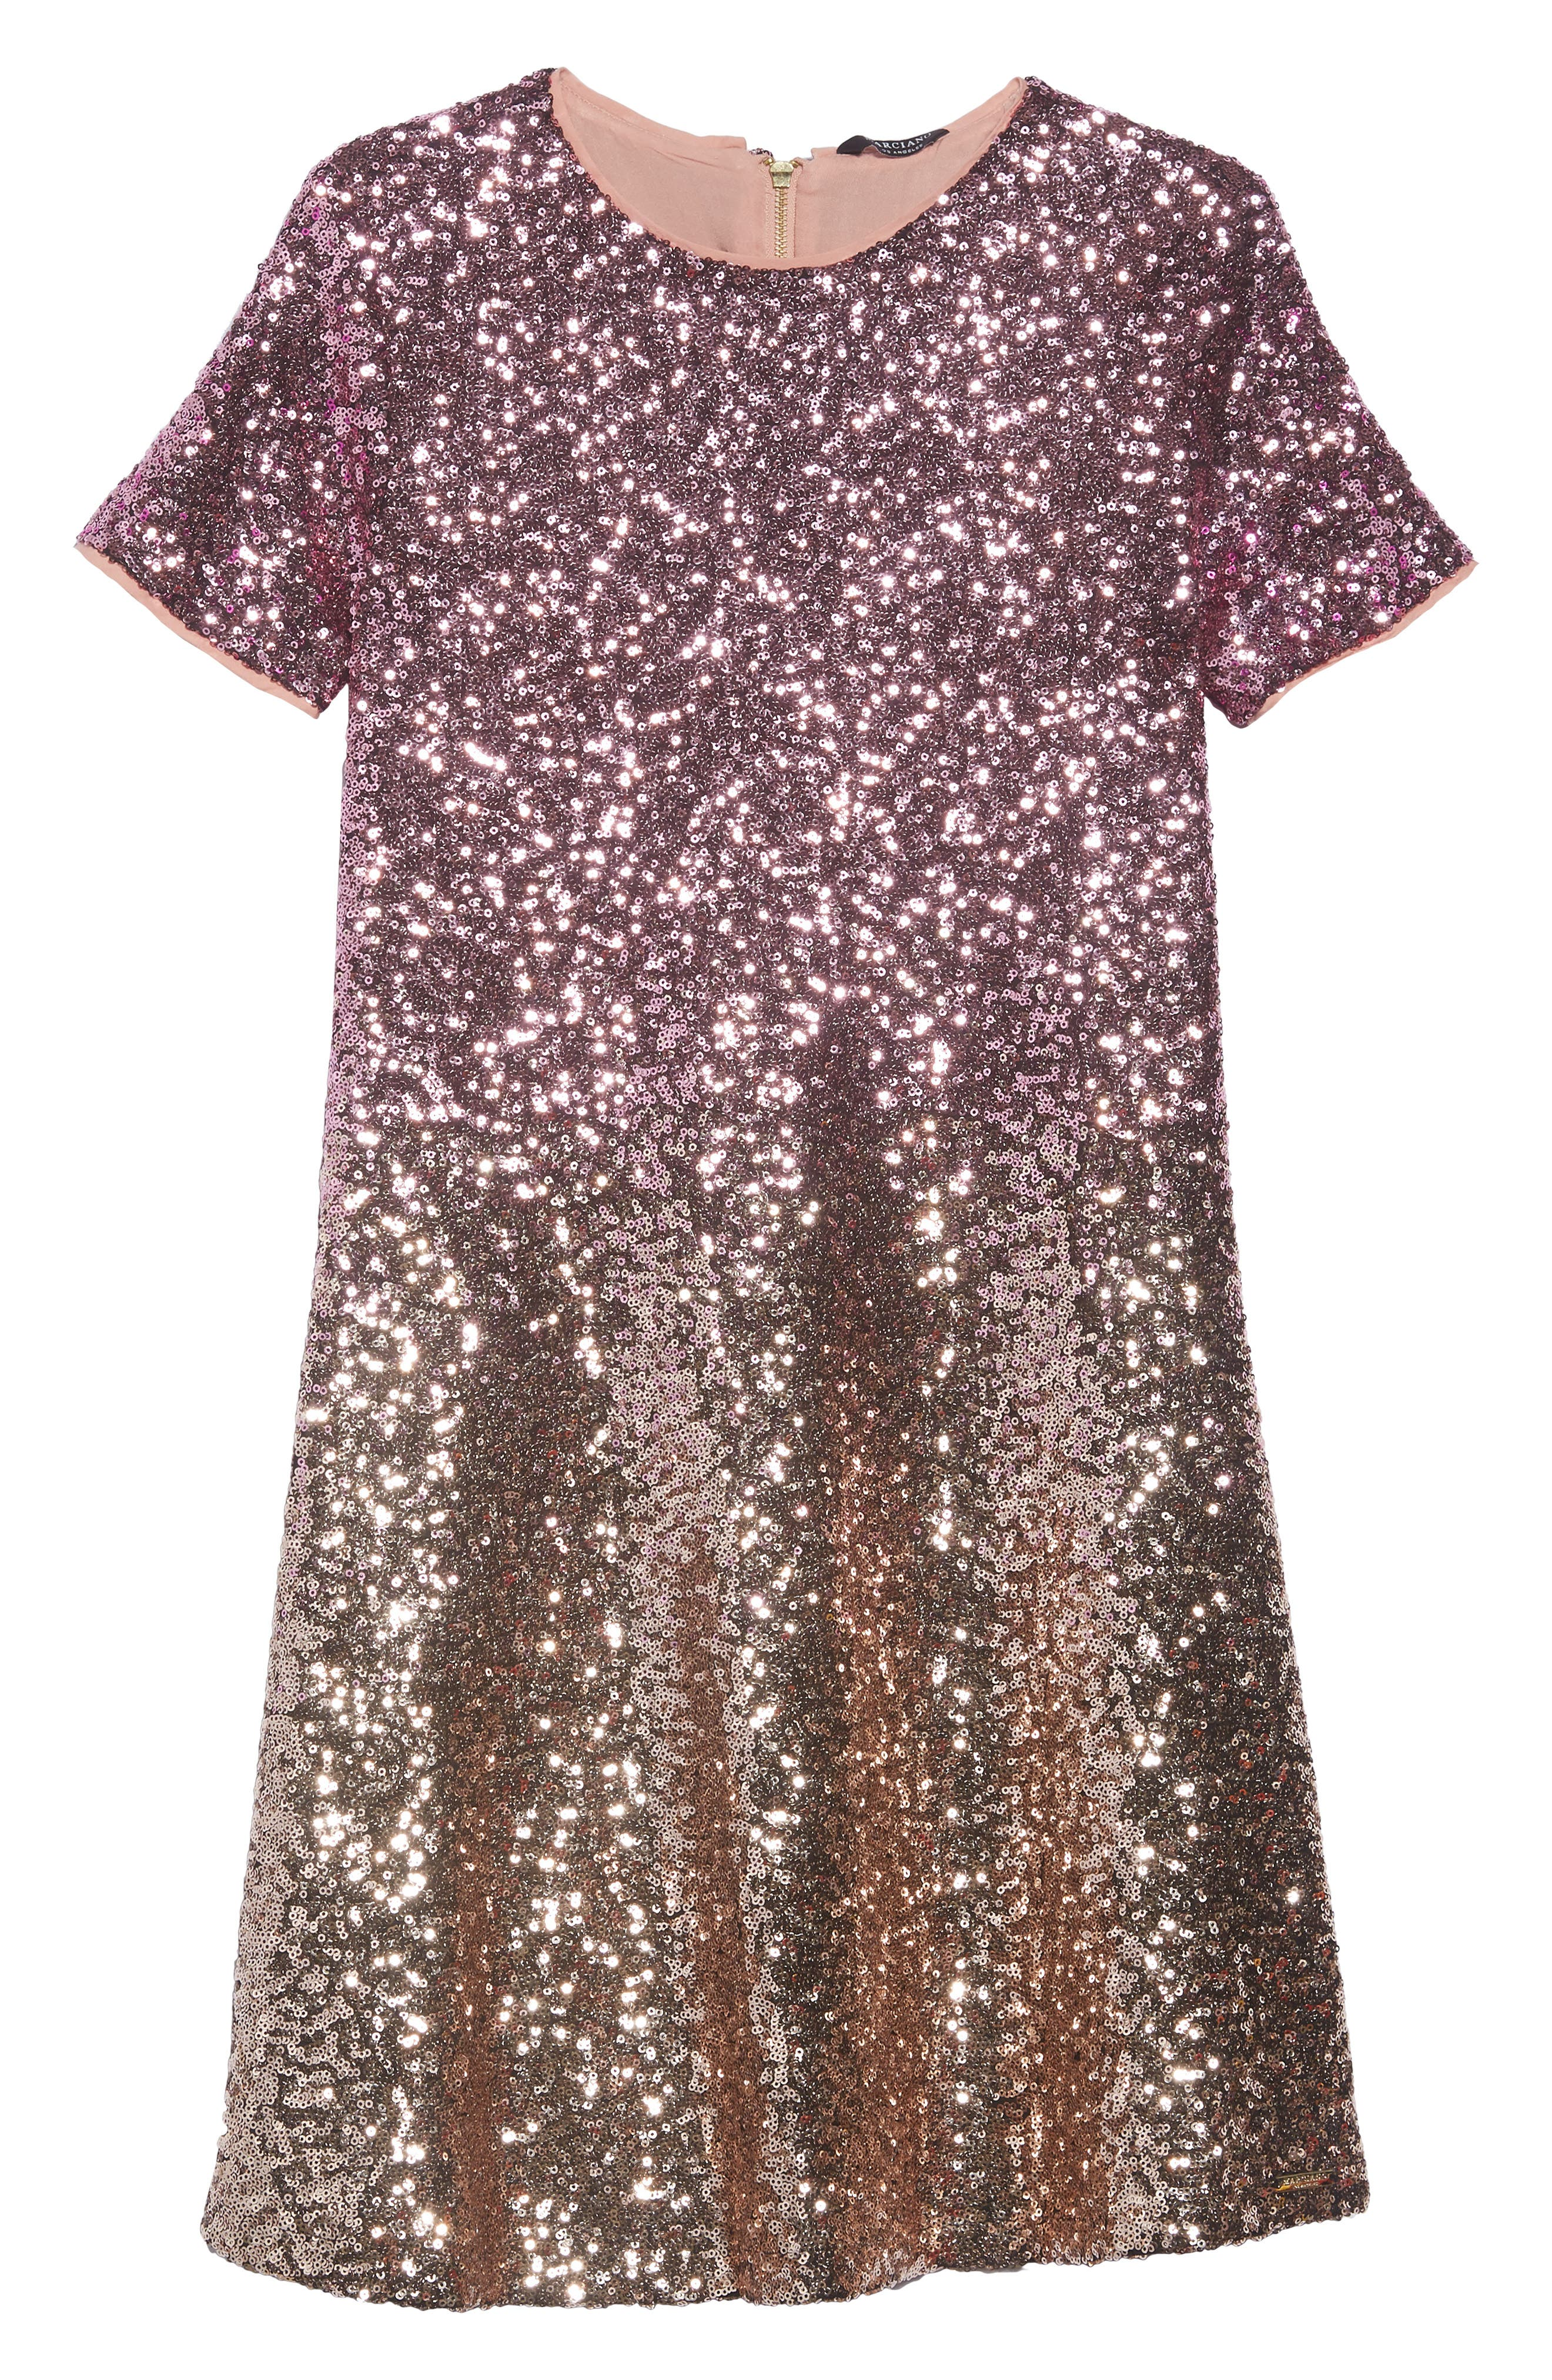 Ombré Sequin Skater Dress,                             Main thumbnail 1, color,                             710